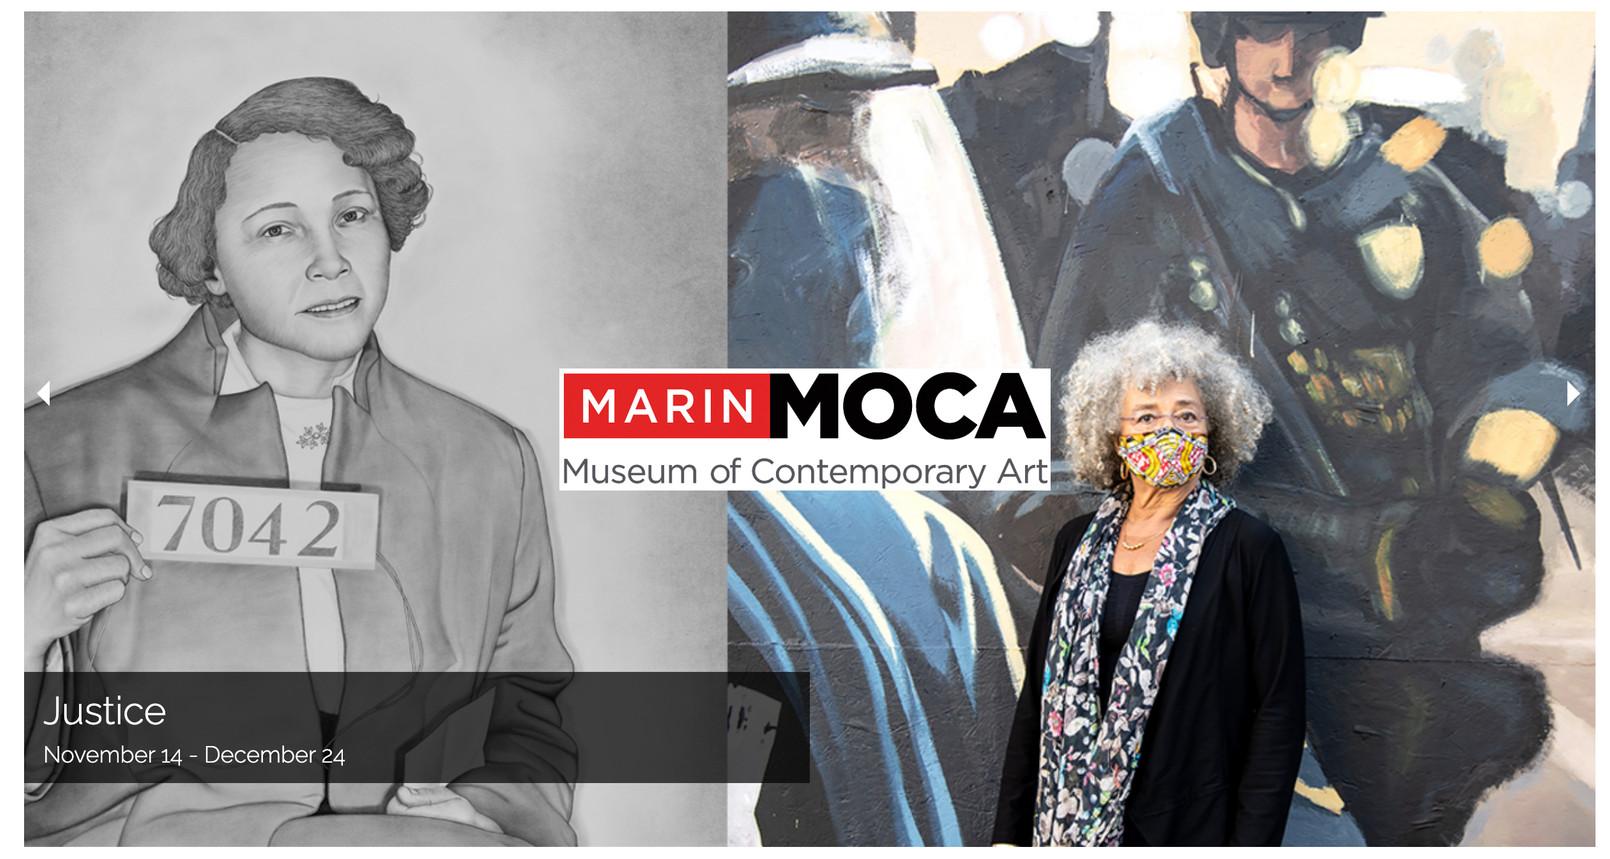 MARIN MOCA | JUSTICE